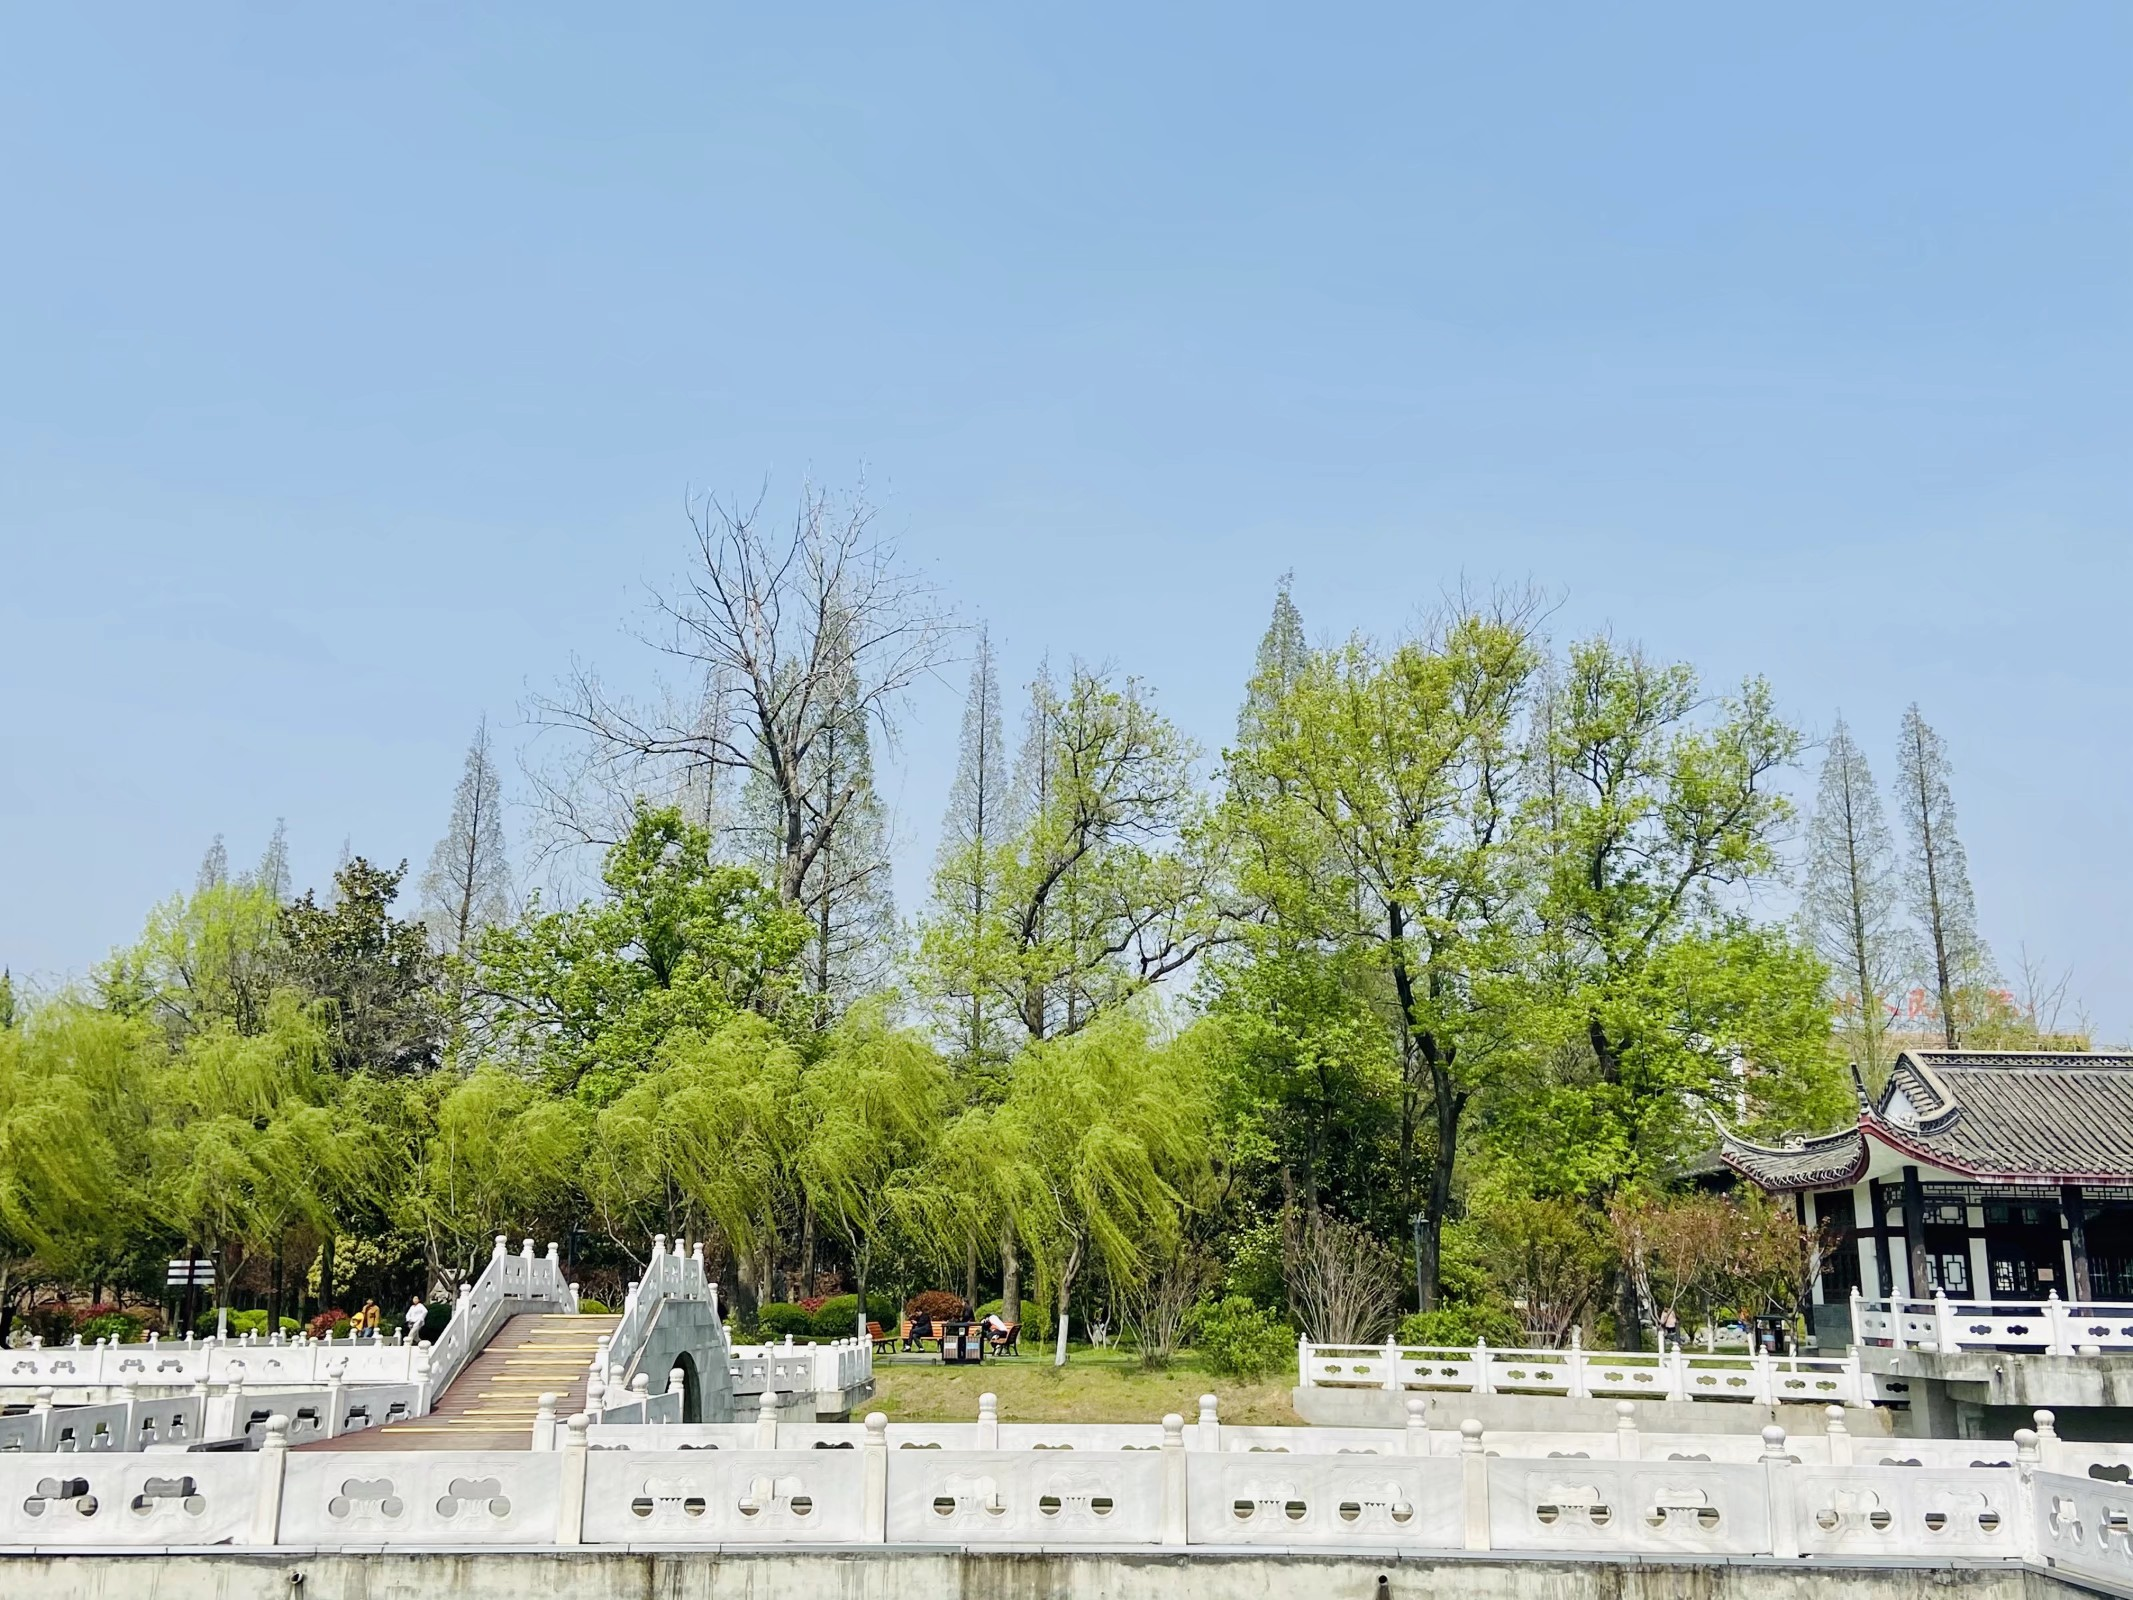 烟花三月——扬州绿地福朋喜来登